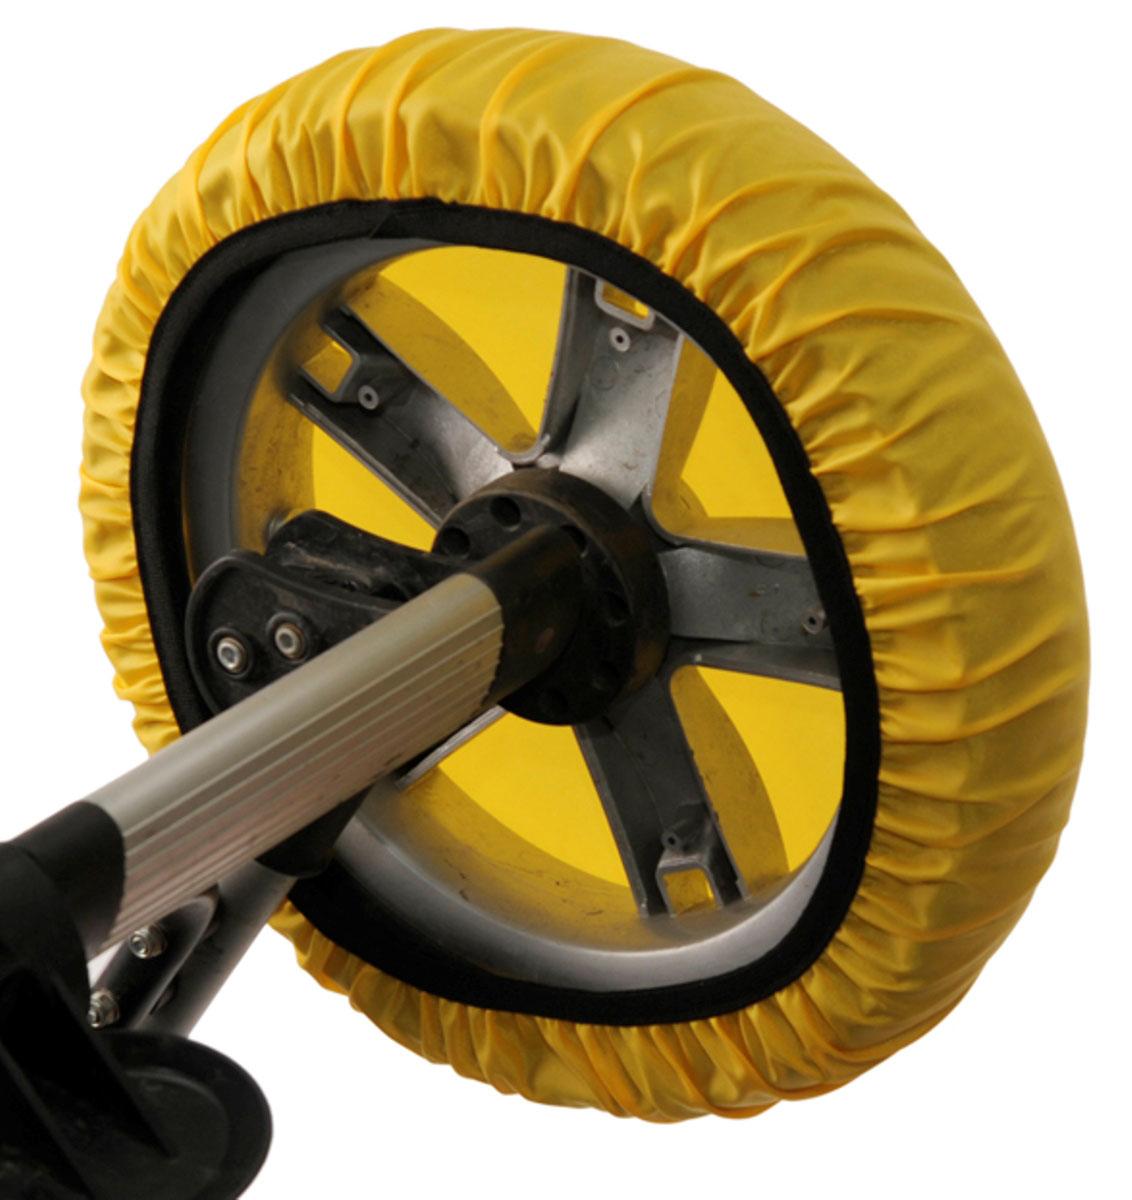 Чудо-Чадо Чехлы на колеса для коляски диаметр 28-38 см цвет желтый 4 штCHK01-006То, что с малышом нужно чаще гулять, знают все. Но как же неохота после этого каждый раз мыть колёса у коляски. А и не нужно! Представляем необычайно удобную вещь - чехлы на колеса для коляски Чудо-Чадо! Это простое решение для защиты от грязи в любое время года. Чехлы имеют самый стандартный размер, подходящий для большинства колёс на рынке колясок. Чехлы незаменимы, когда малыш крепко спит, а вы уже нагулялись, но будить его не хочется. Просто наденьте чехлы на колёса и закатите коляску домой. Чистый пол и хорошее настроение вам обеспечены. Редкий автолюбитель приемлет грязь в багажнике. Удобно упаковать колёса в чехлы и убрать коляску в багажник. И никакой грязи! Не нужно часто мыть колеса коляски. Уличная грязь не соприкасается с вашим полом, она остаётся в чехле. Удобная конструкция предотвратит высыпание даже засохшей грязи. Ткань, из которой сделаны чехлы, легко стирается. Важно: чехлы не подходят для колёс с креплением вилка и на поворотные...